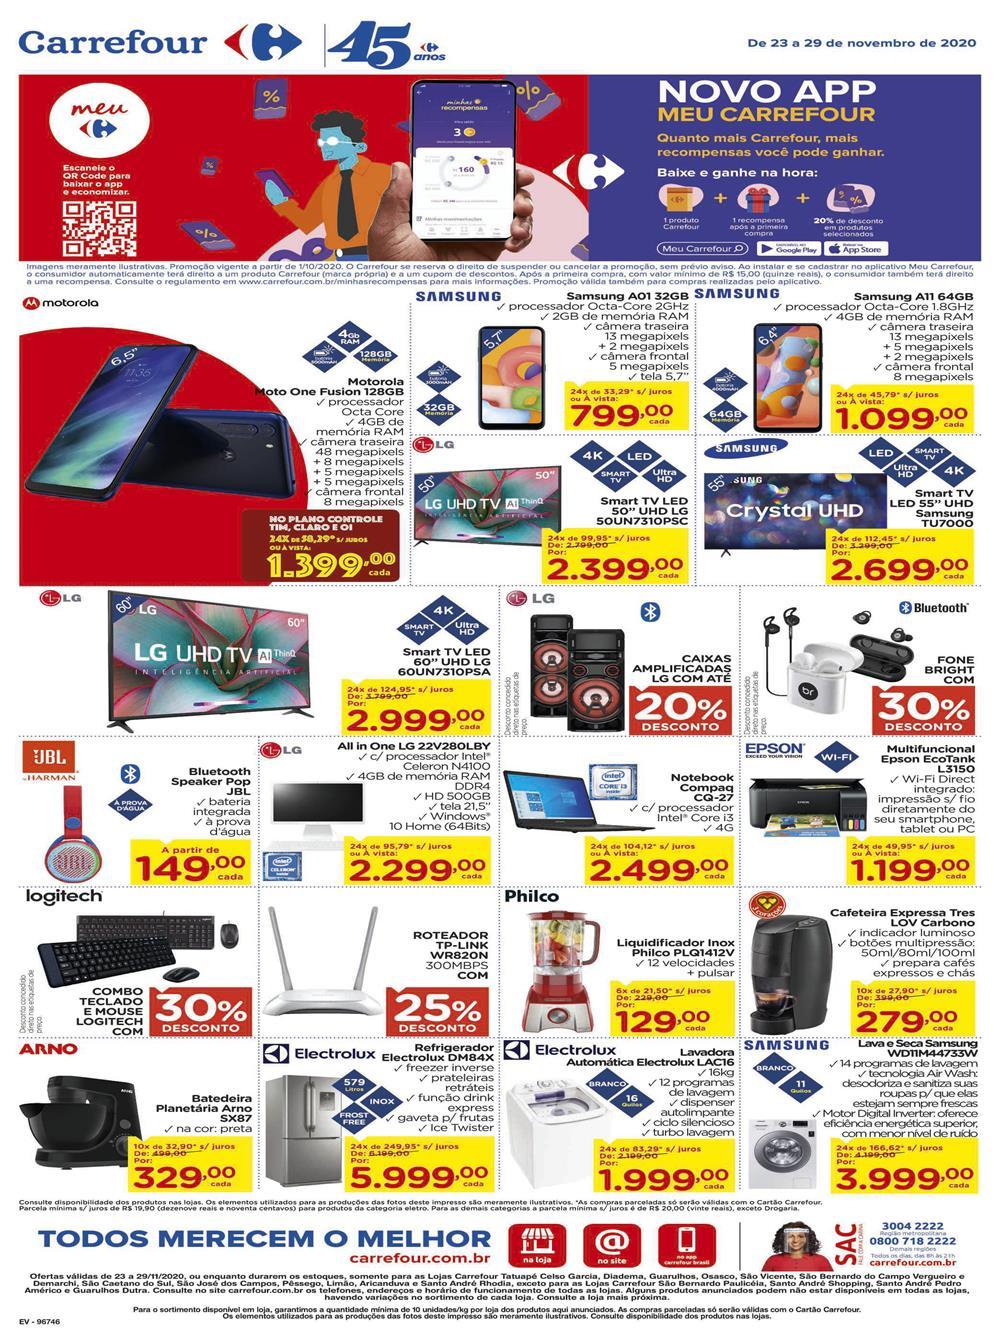 carrefour-ofertas-descontos-hoje14-6 Carrefour até 29/11